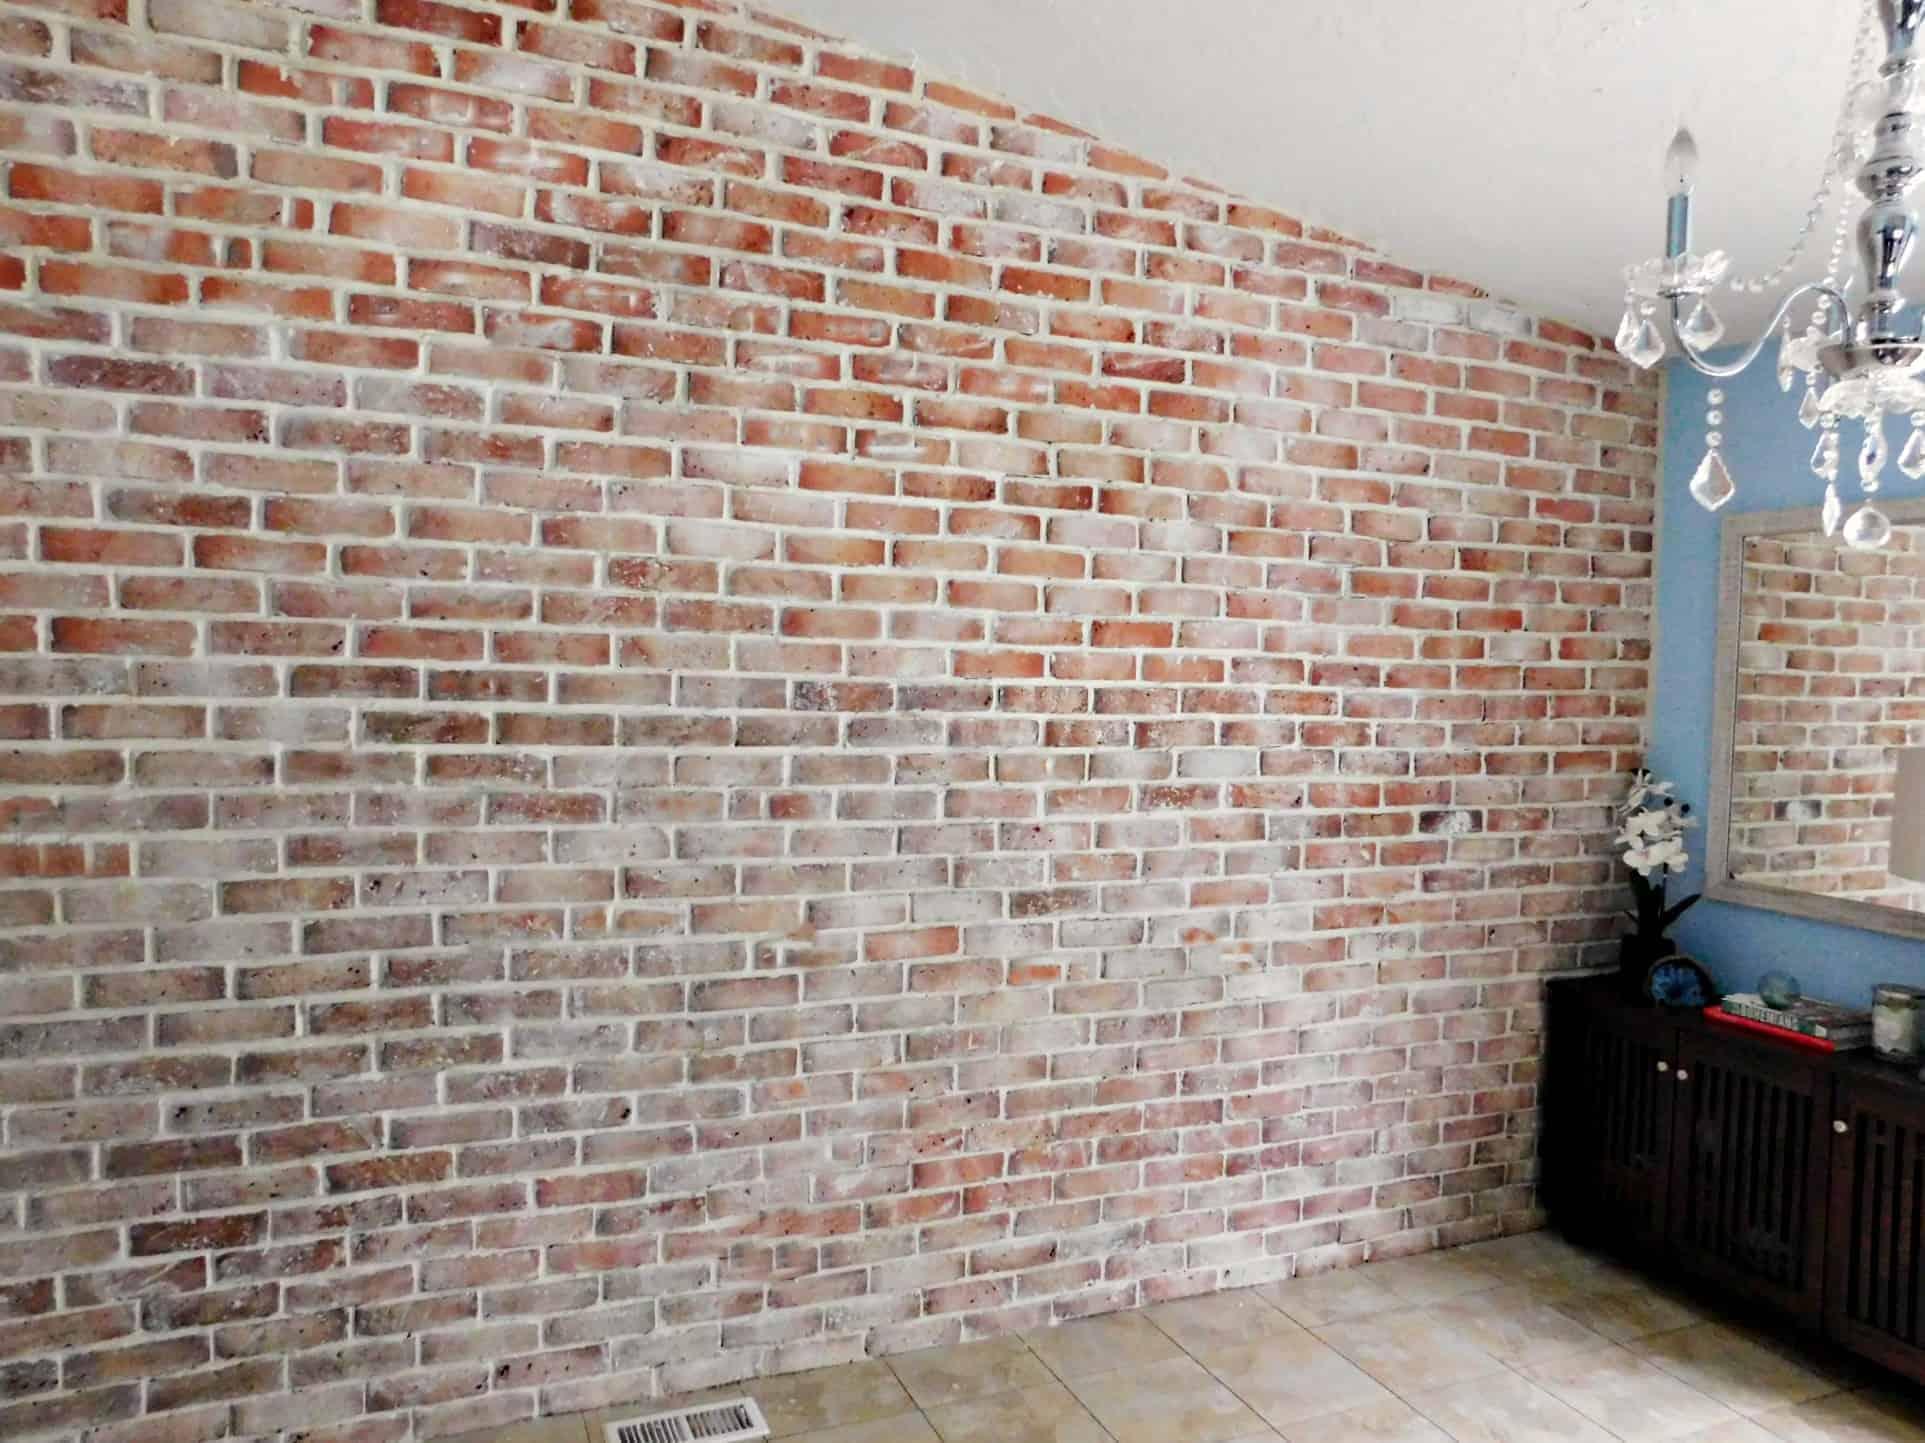 Brick accent wall diy